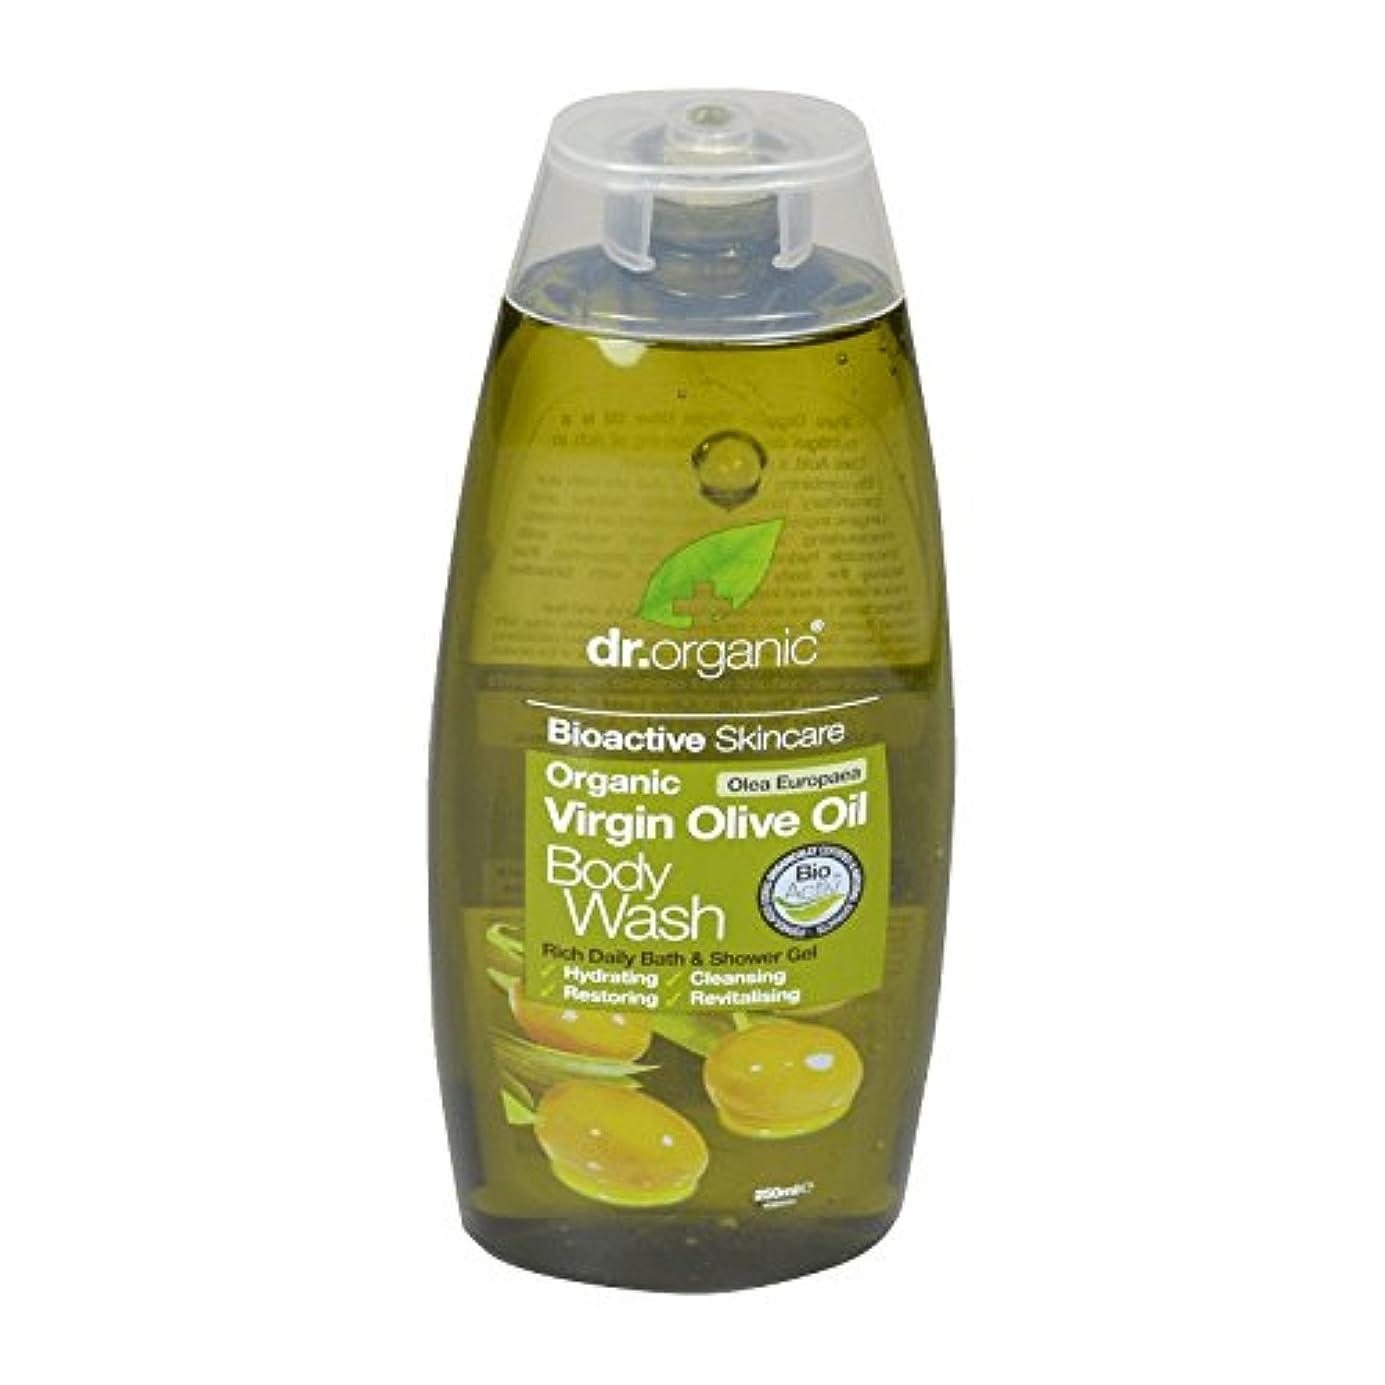 マルクス主義シーフード不快Dr Organic Virgin Olive Oil Body Wash (Pack of 6) - Dr有機バージンオリーブオイルボディウォッシュ (x6) [並行輸入品]